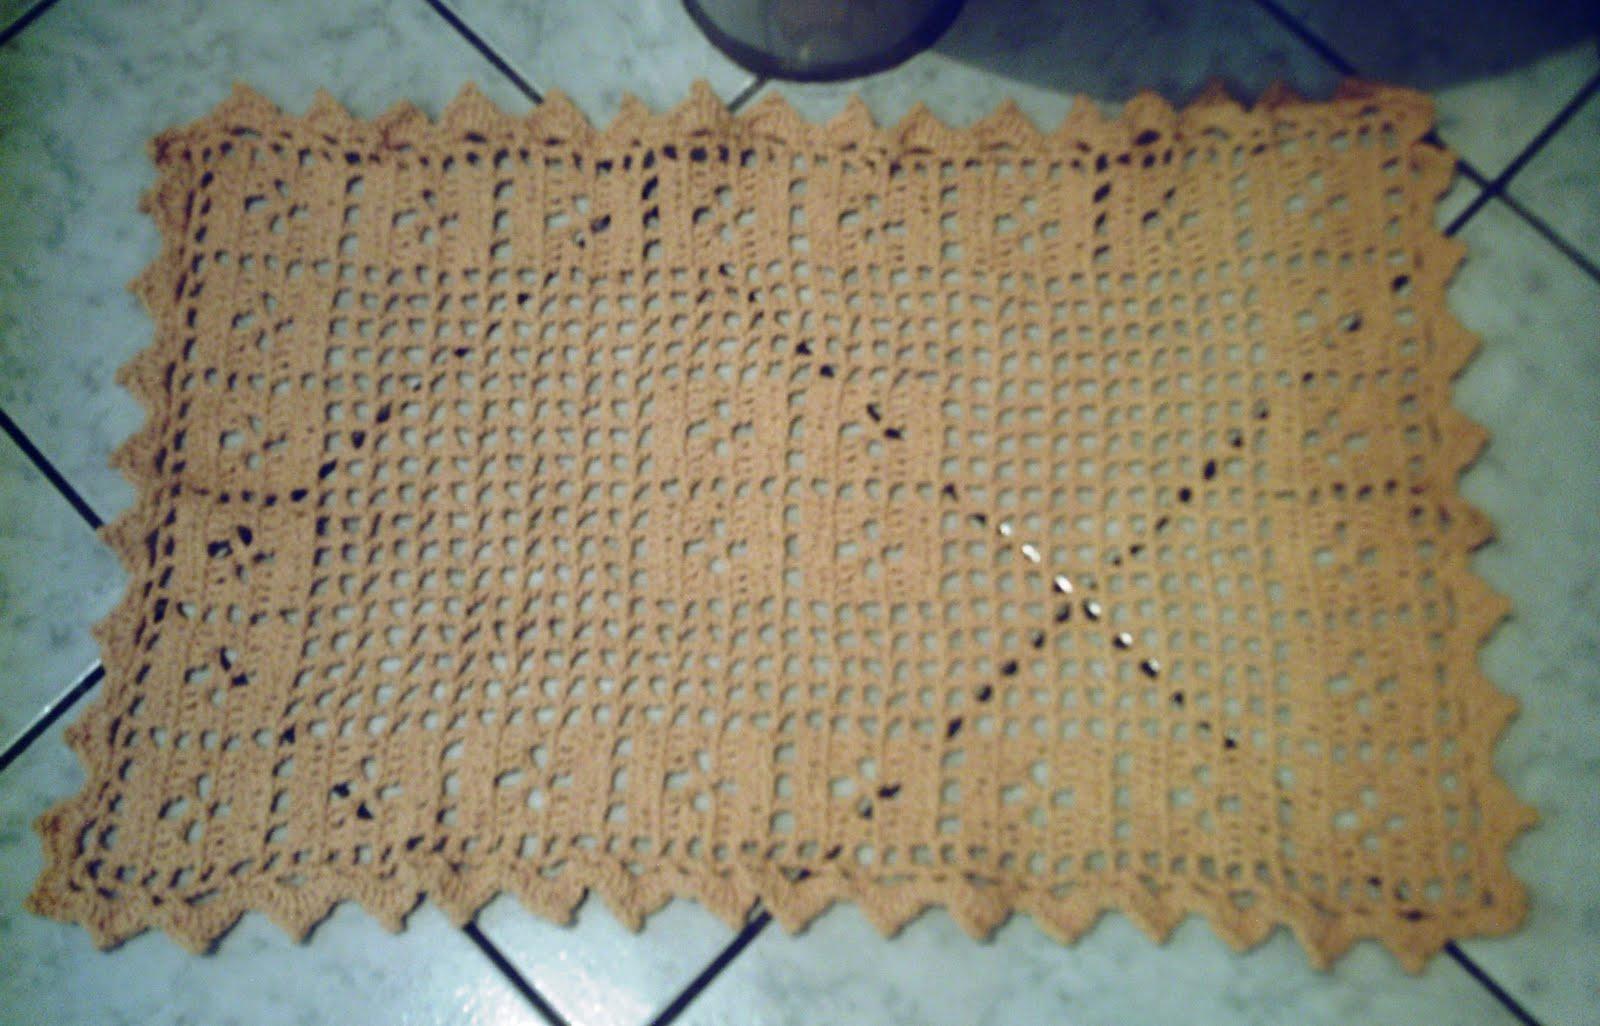 Conjunto em barbante amarelo com detalhes que parecem umas florezinhas  #826B49 1600x1026 Banheiro Com Detalhes Em Amarelo